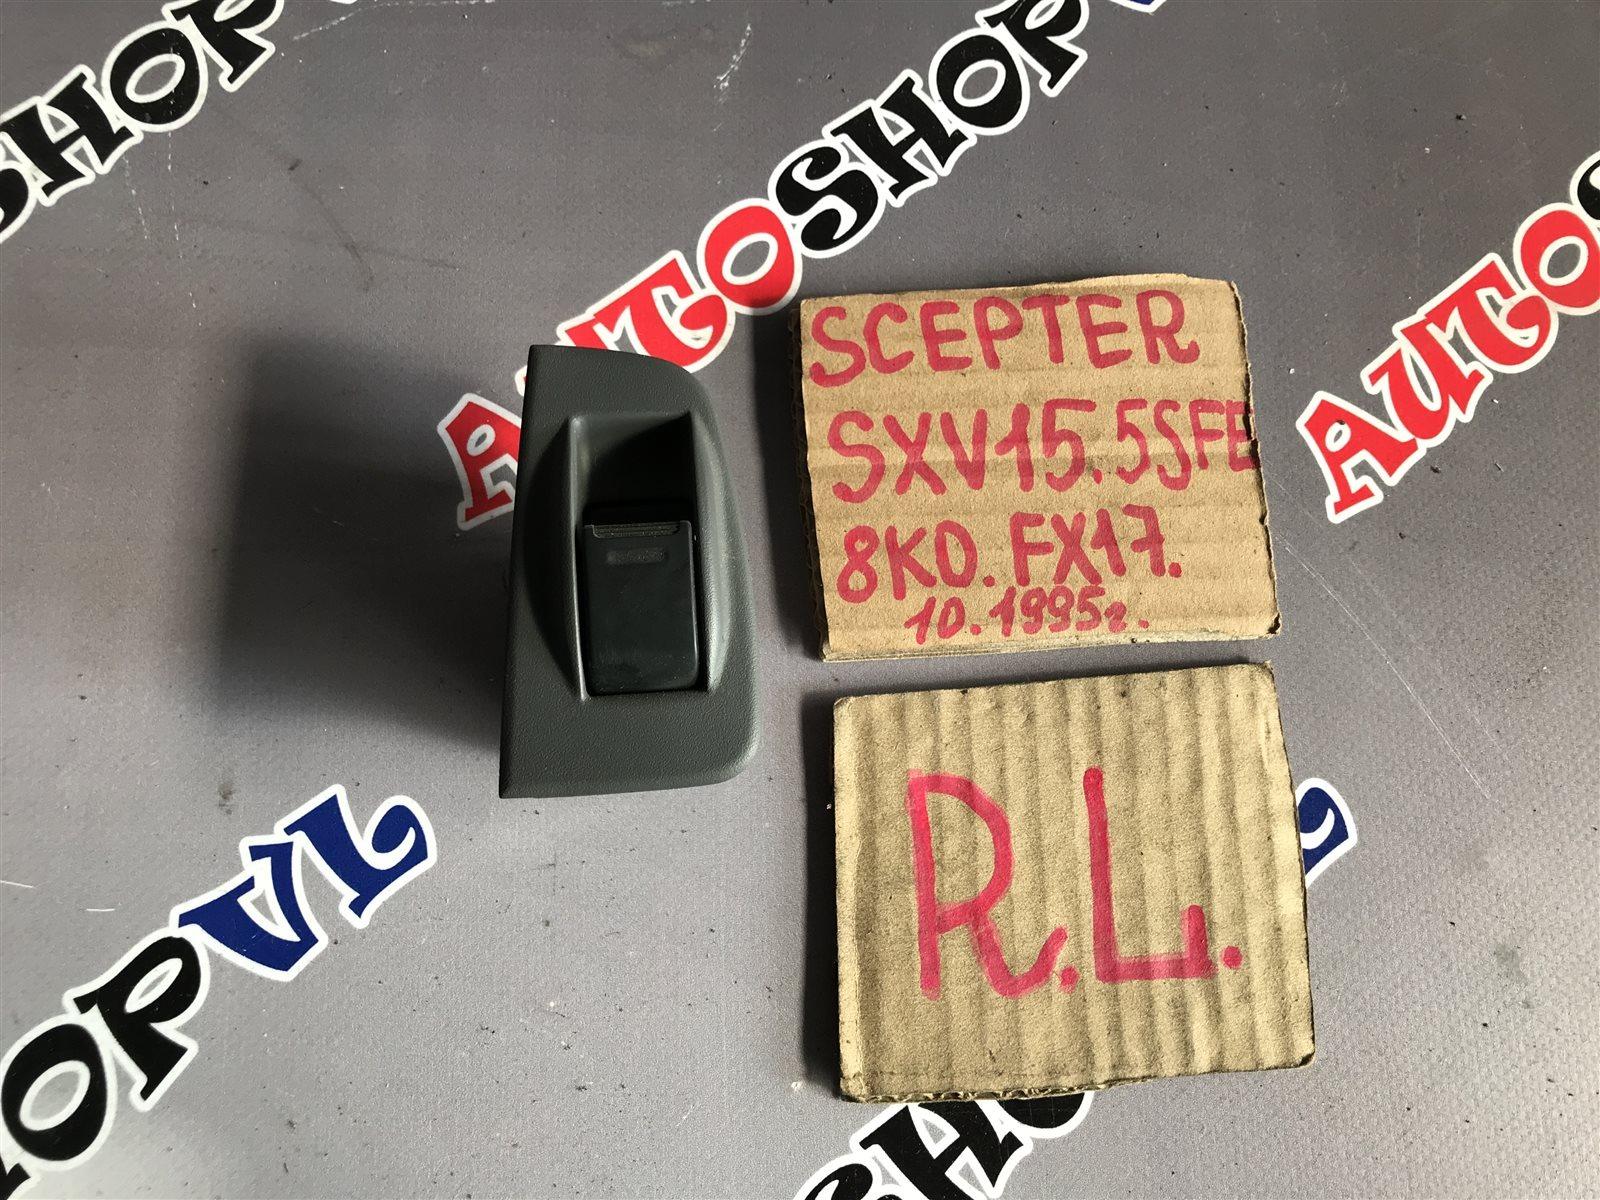 Кнопка стеклоподъемника Toyota Scepter SXV15W 5SFE 10.1995 задняя левая (б/у)